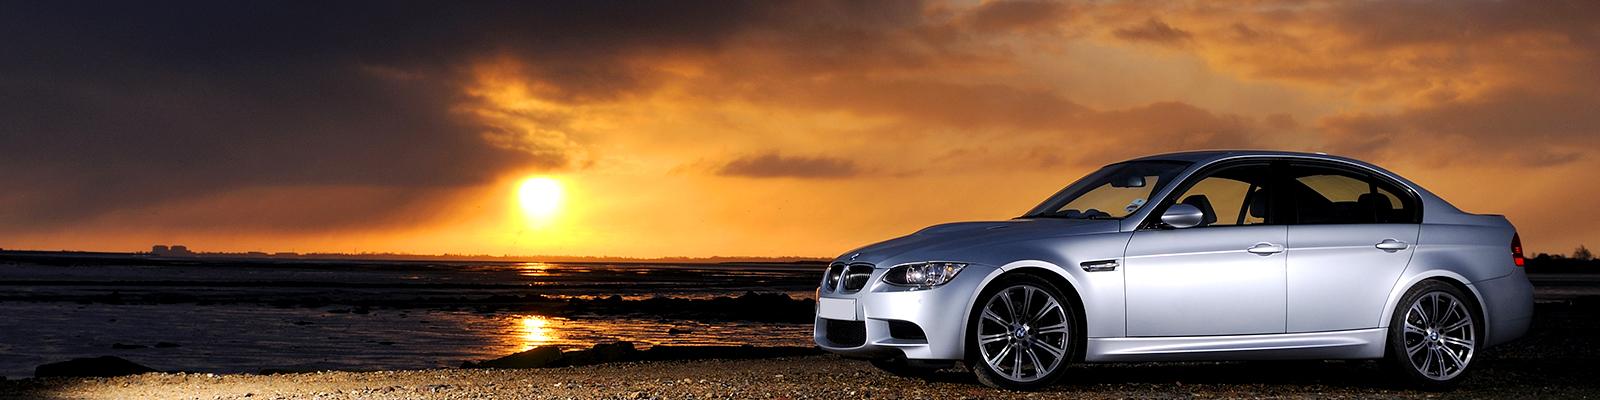 私たちは「WE LOVE CAR」をモットーに皆様にお車と「楽しさ」をお届けいたします。